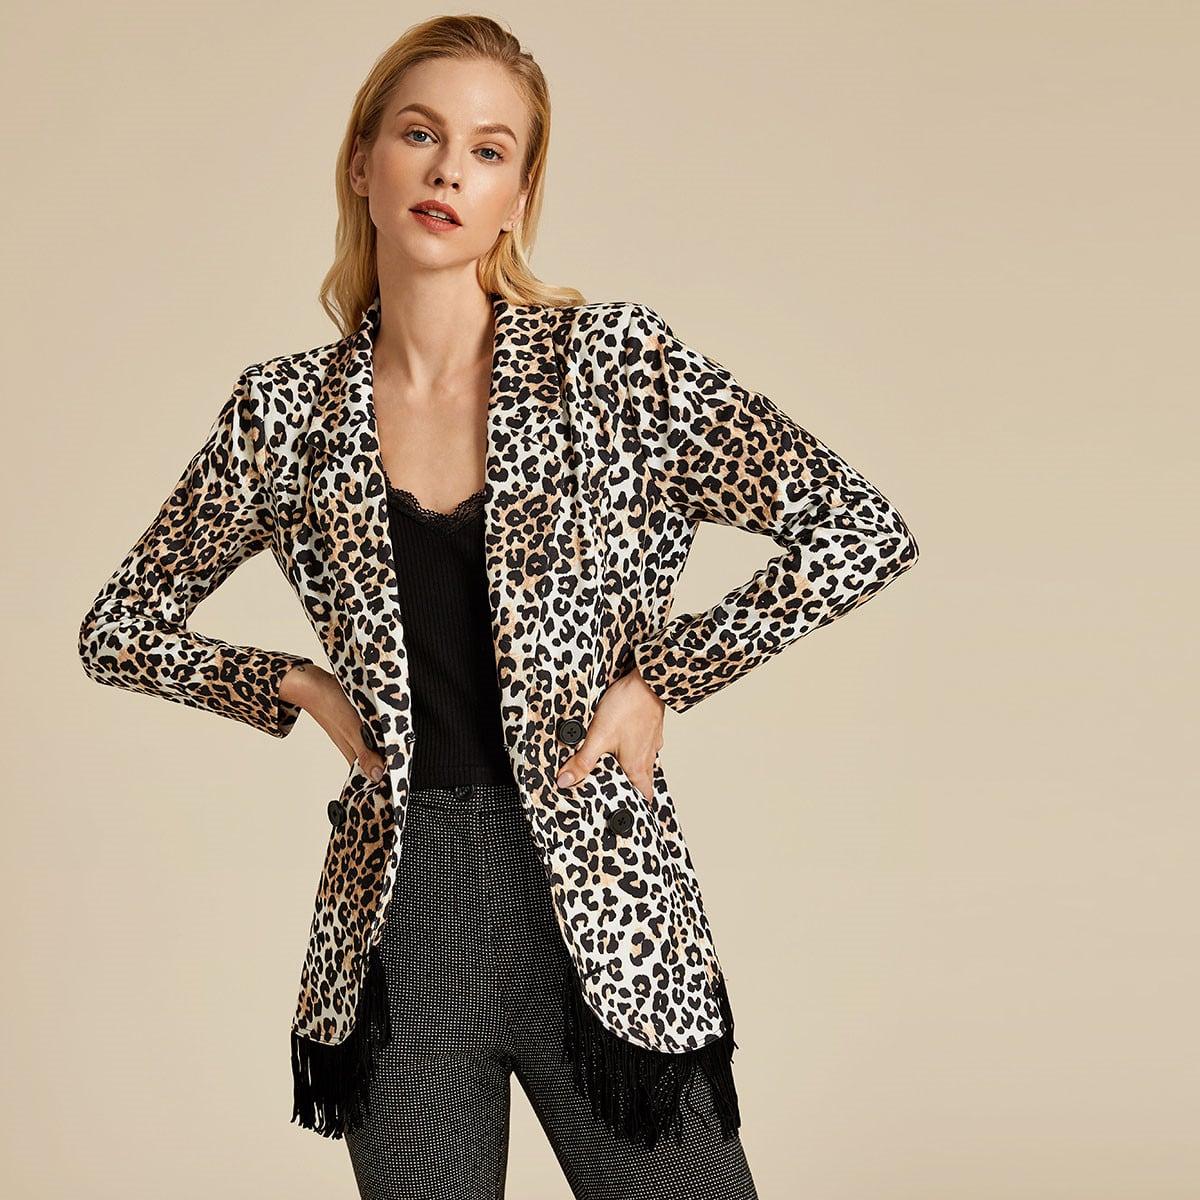 Пиджак с леопардовым принтом и бахромой от SHEIN